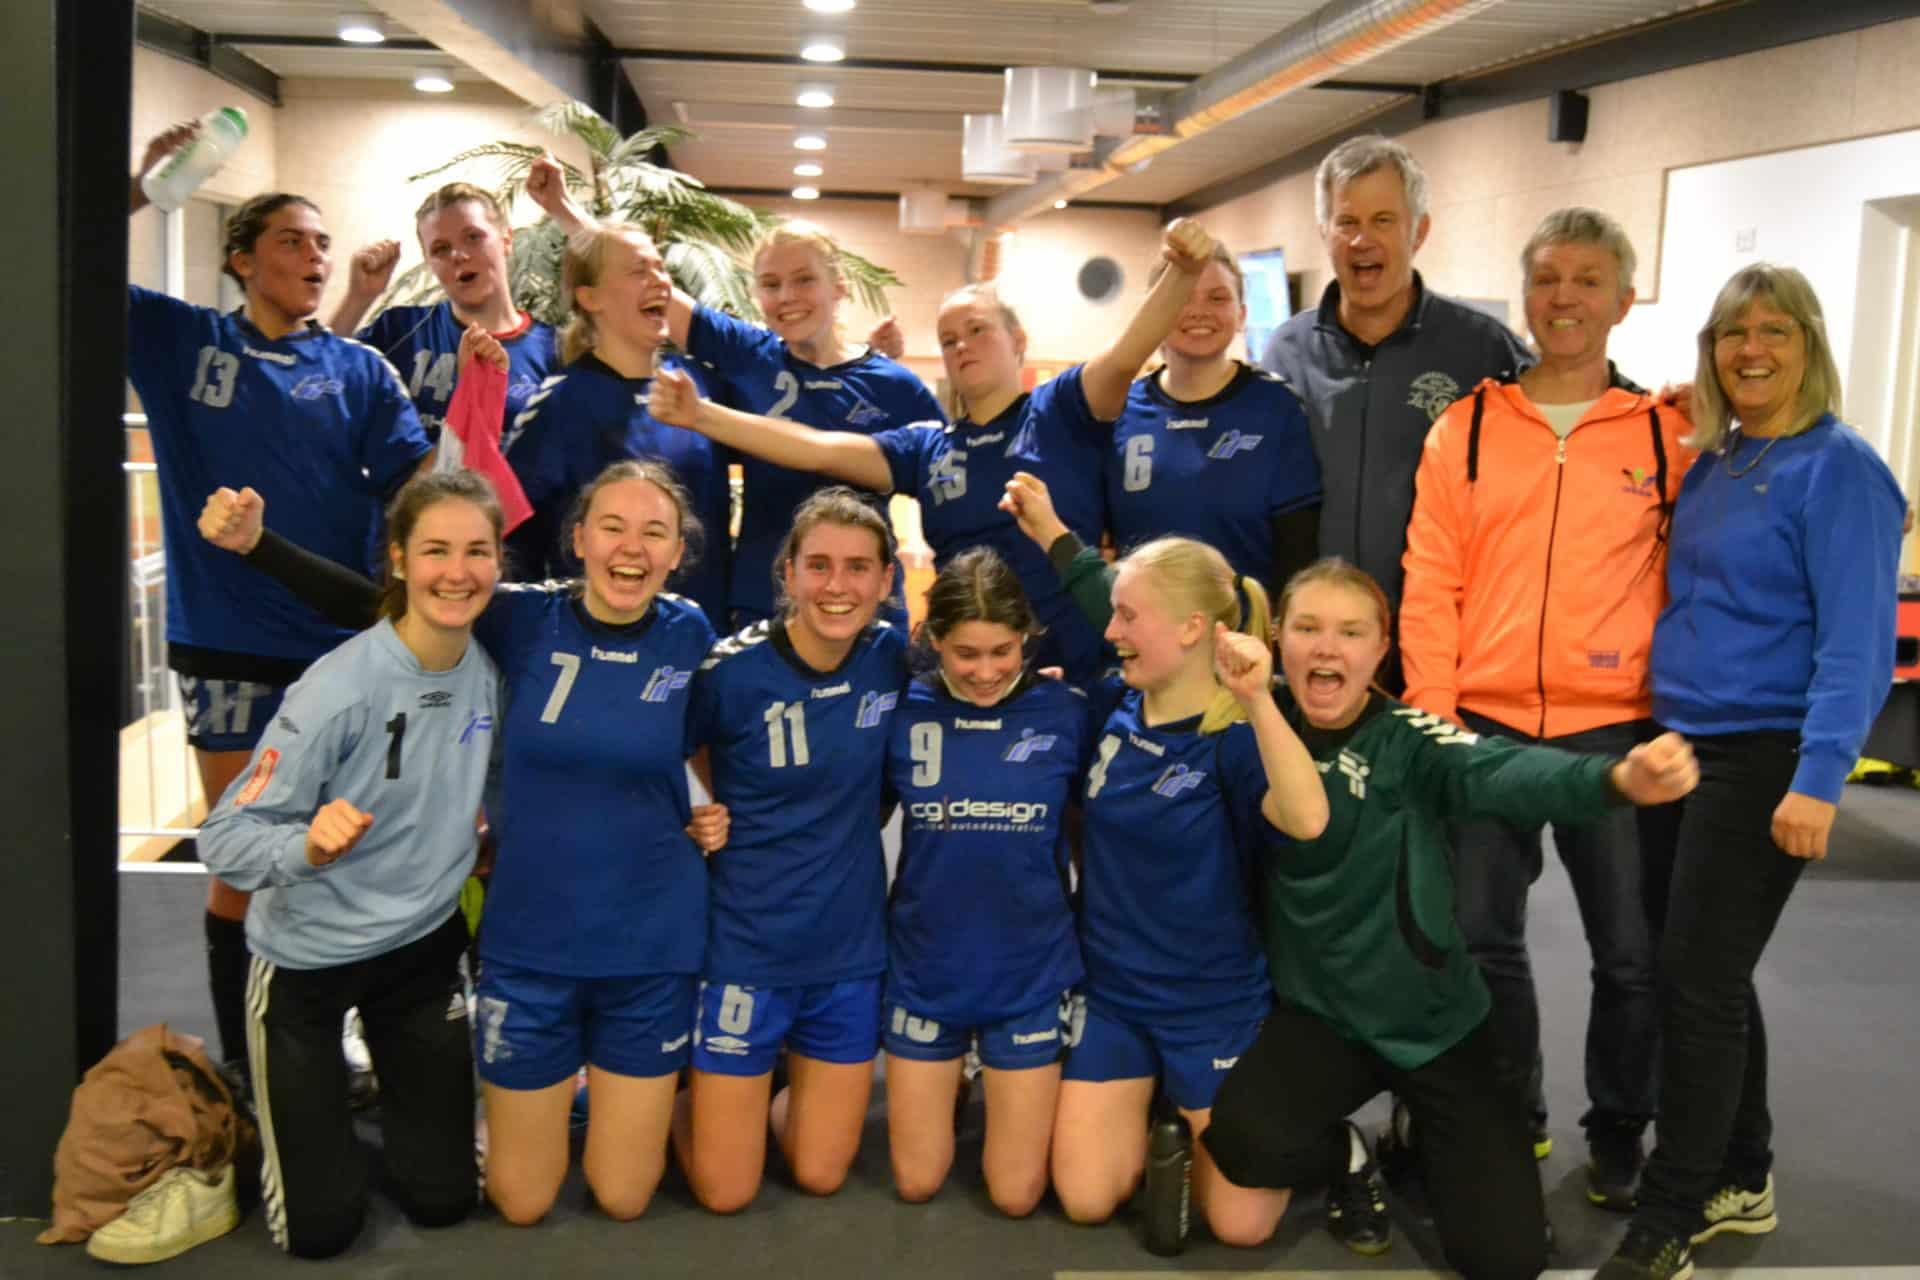 79d7129bb3b Brabrands U18-piger efter endnu en sejr, der nu har bragt dem til  finalestævnet om det jyske mesterskab i 2. division. Træner Peter Harpøth  Sørensen ses som ...